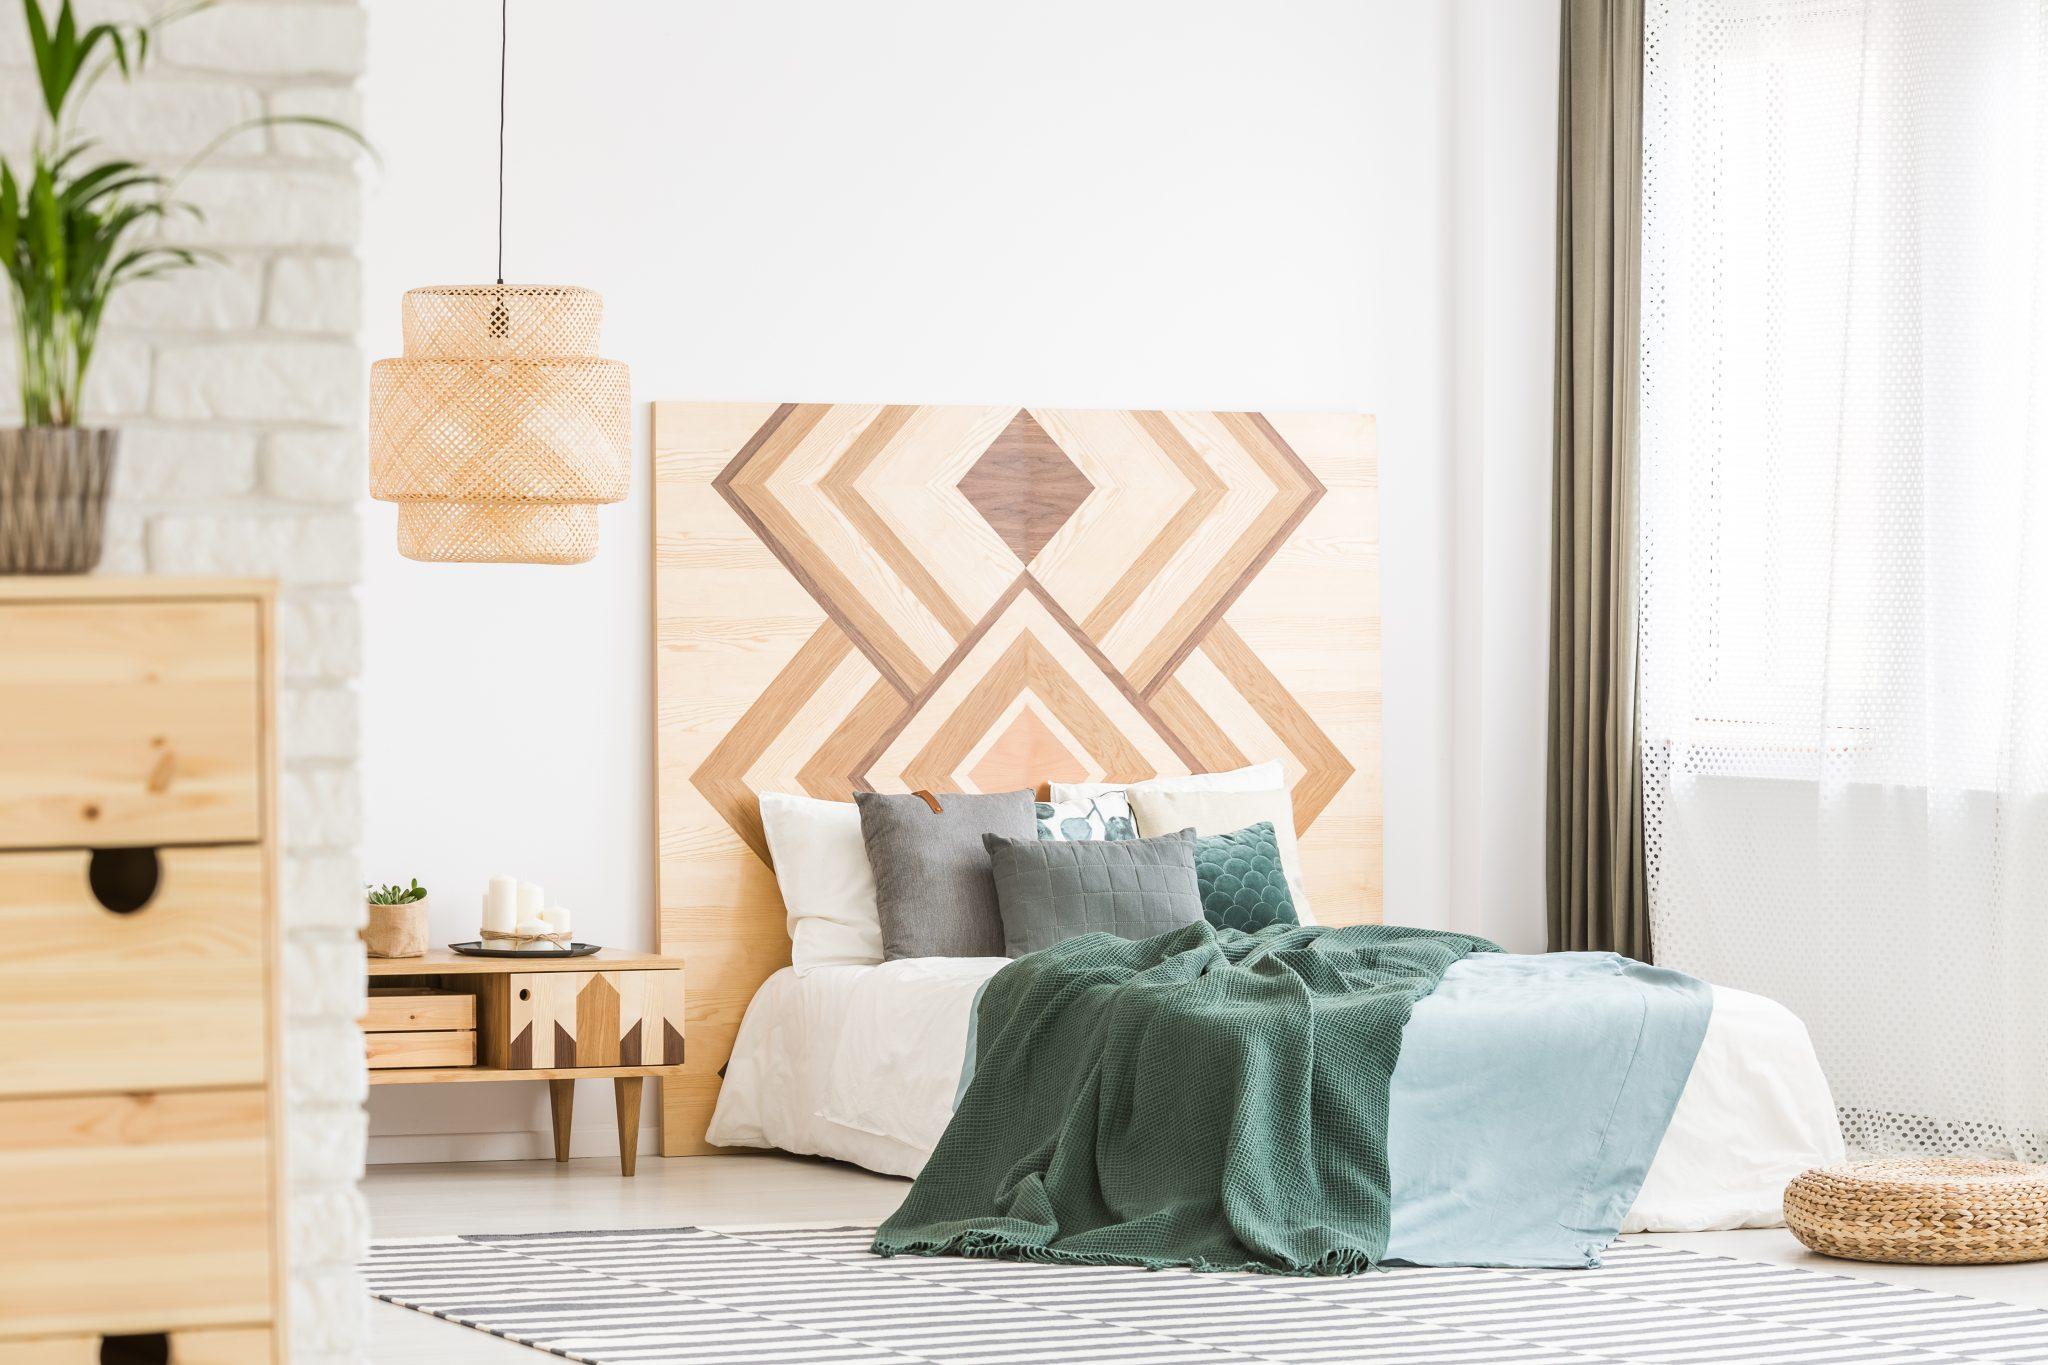 Jaki Kolor Wybrać Na ściany W Sypialni 7 Sprawdzonych